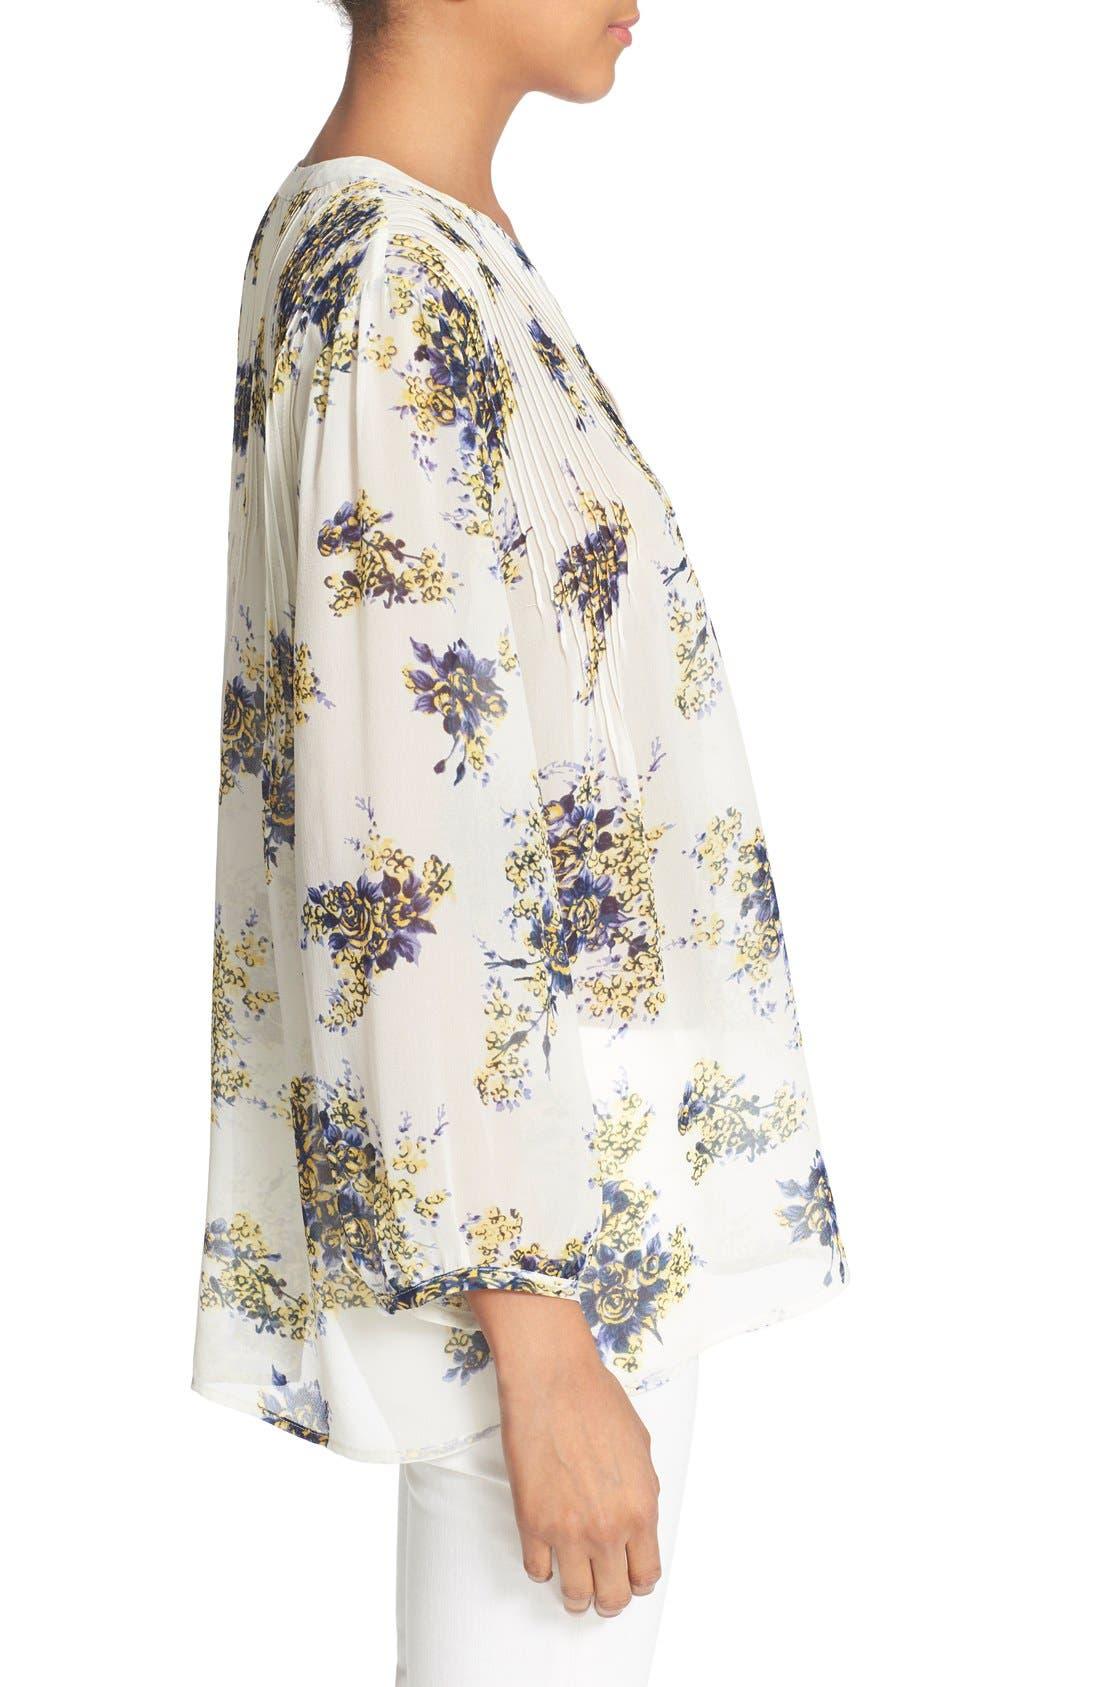 Alternate Image 3  - Joie 'Laurel B' Floral Print Silk Top